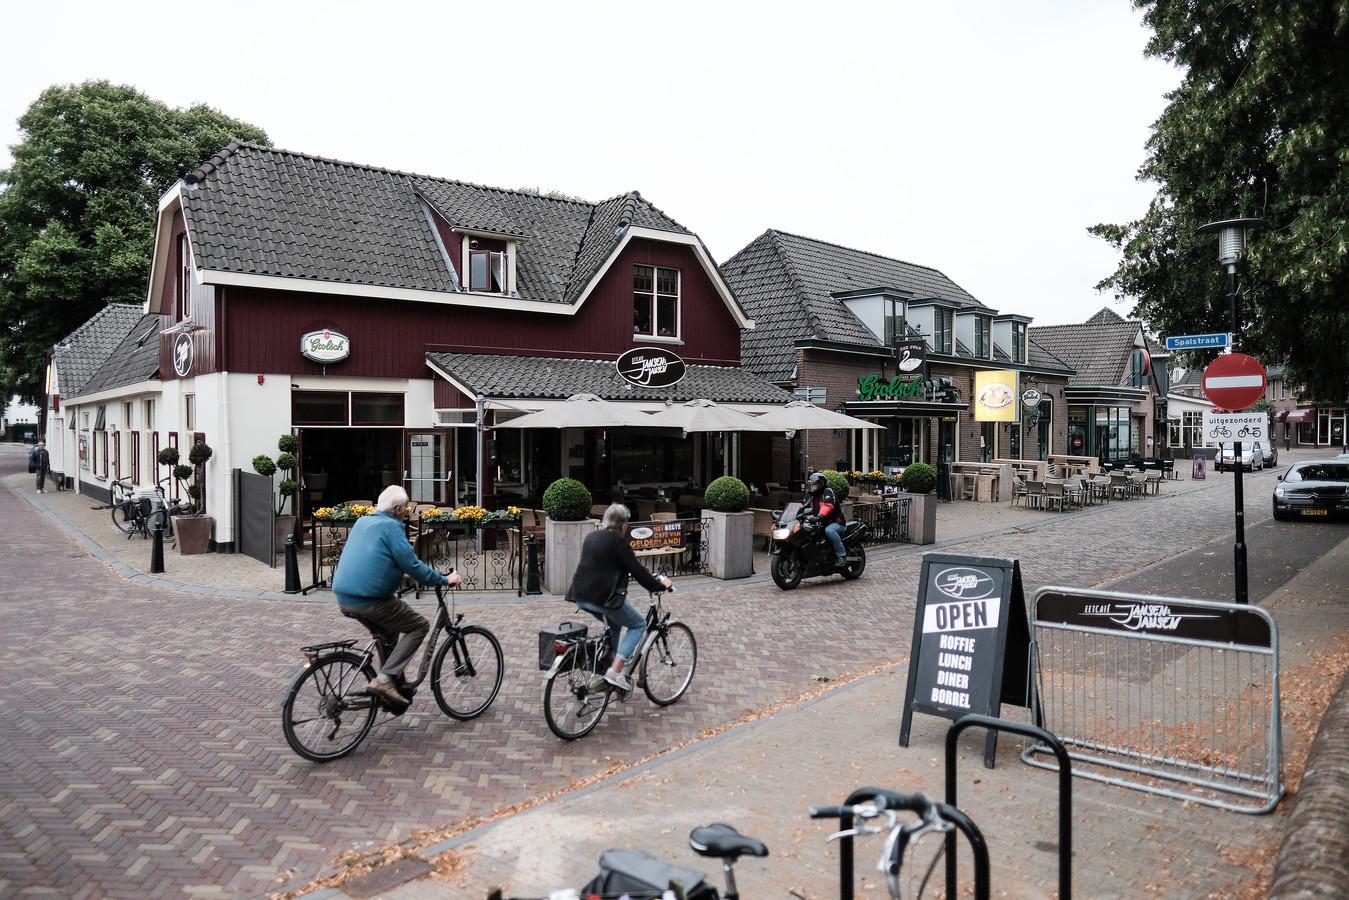 Eetcafé Jansen en Jansen.